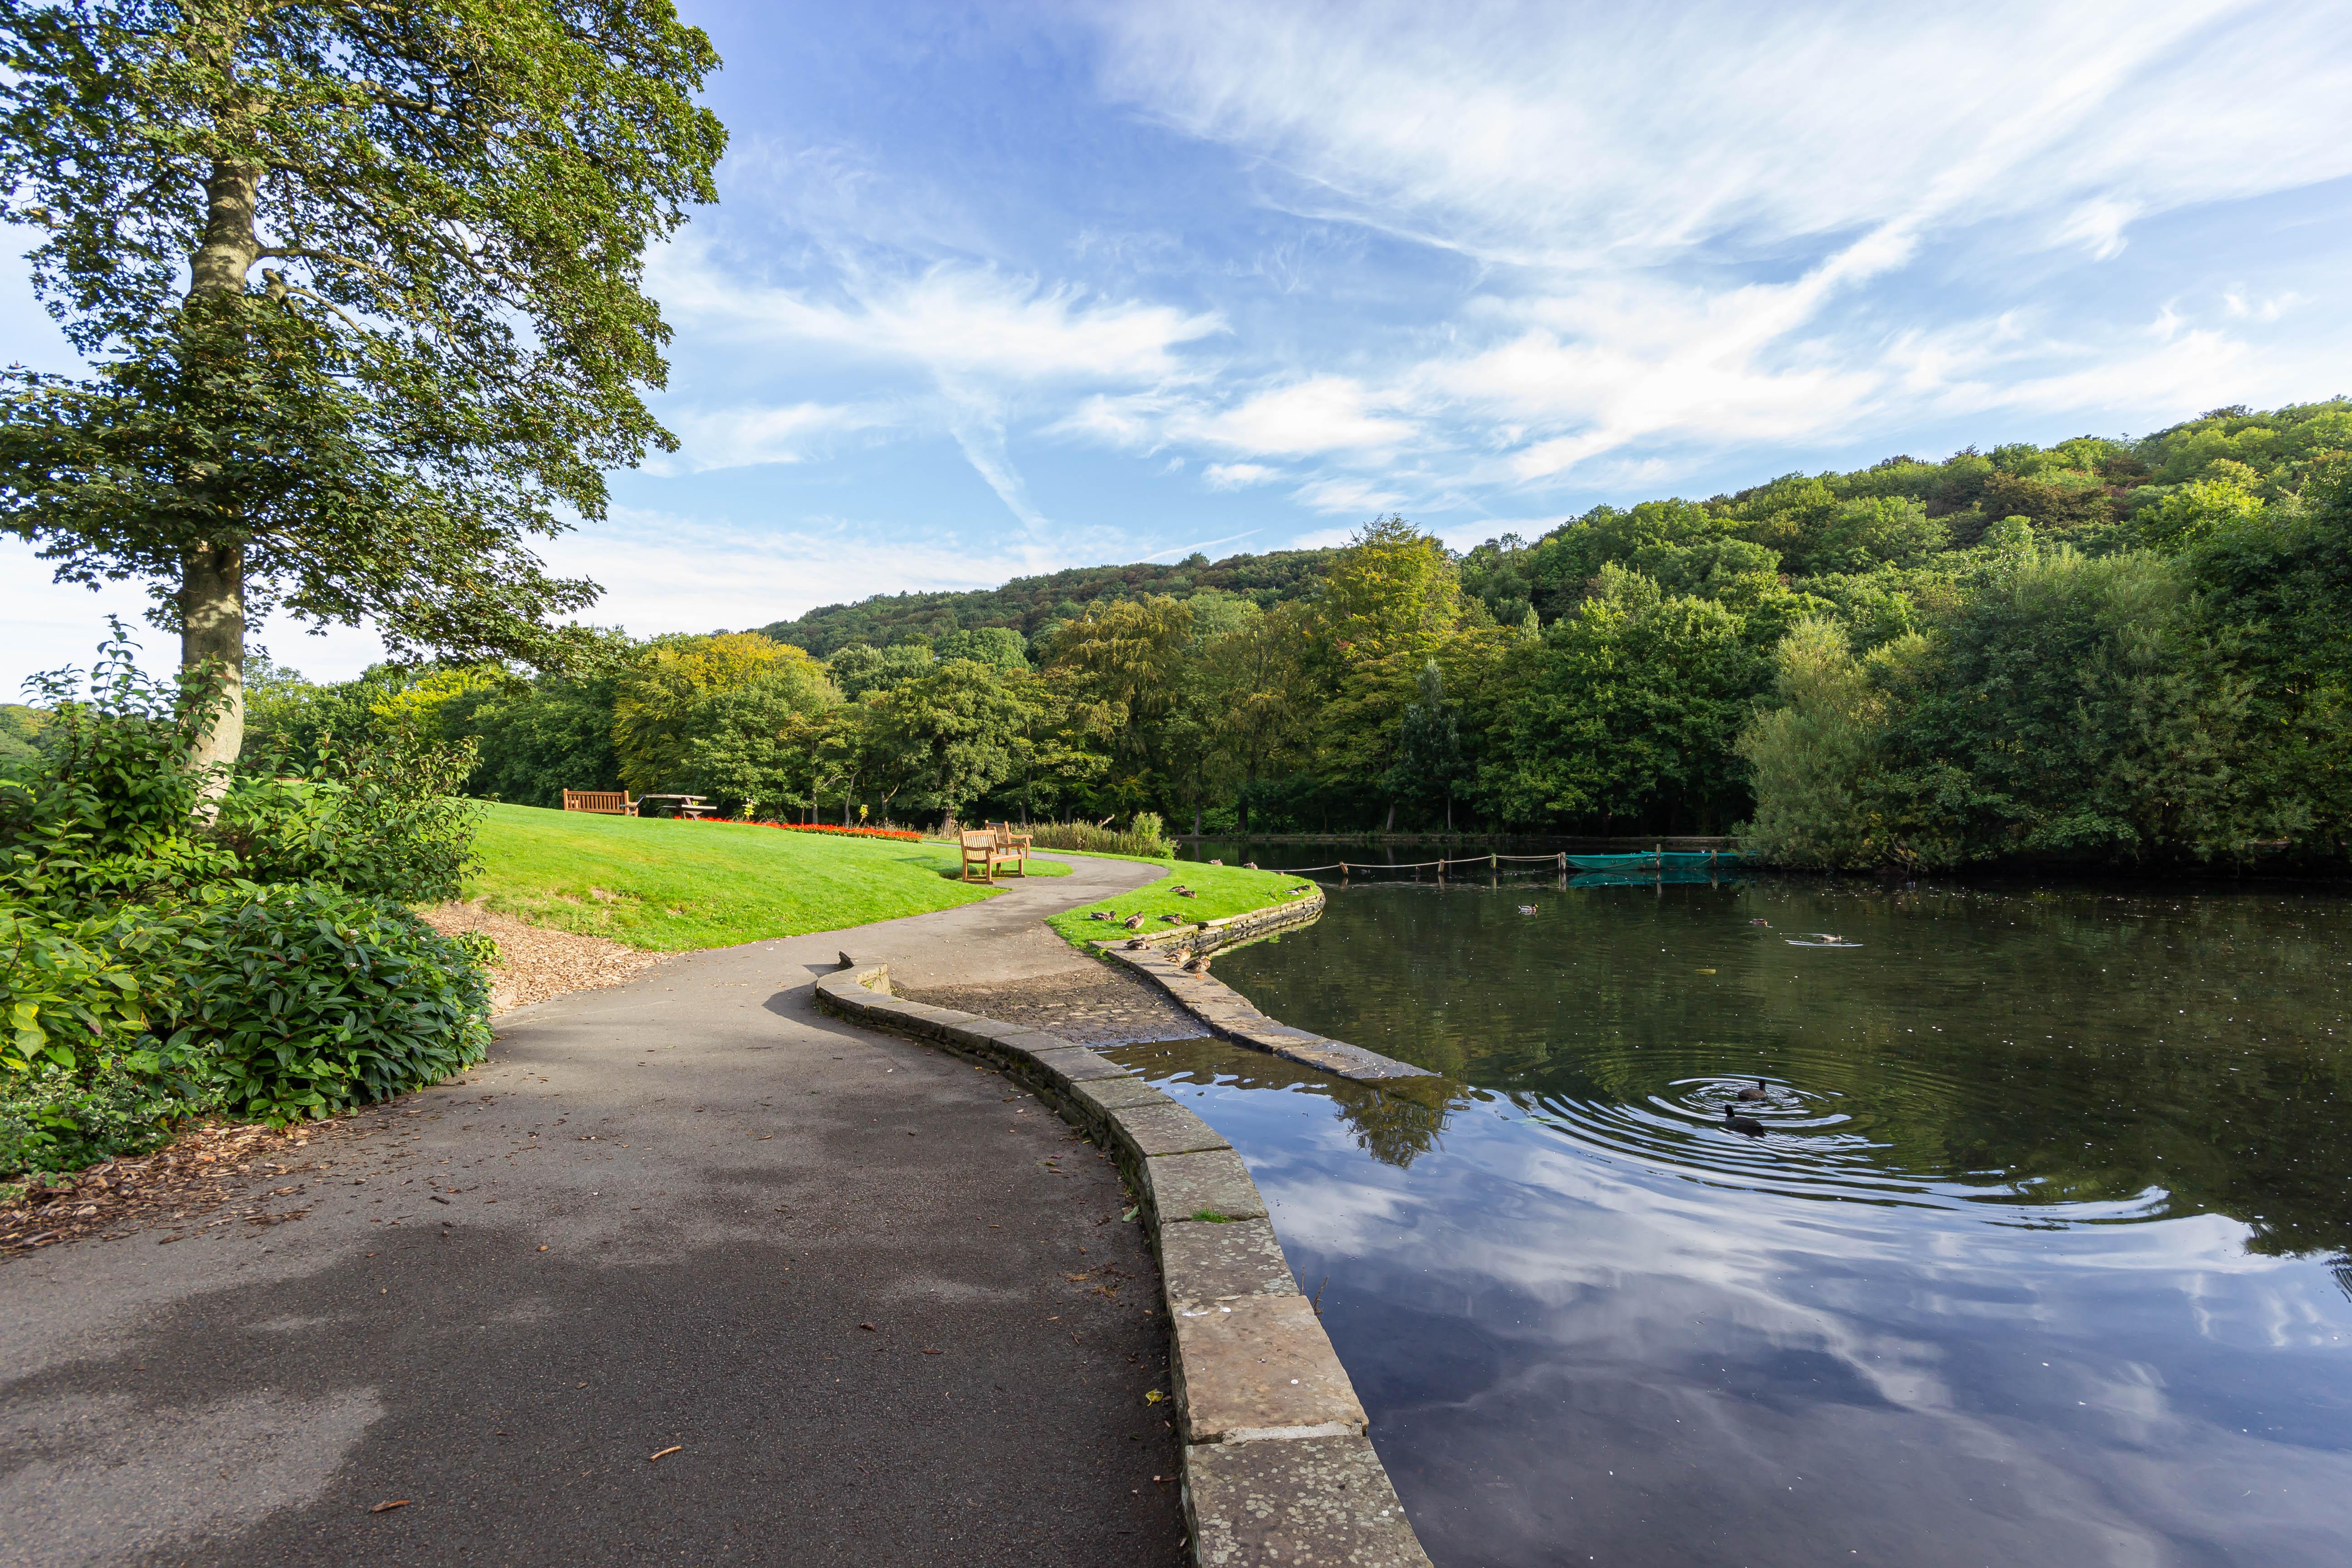 boating_lake_shibden_park